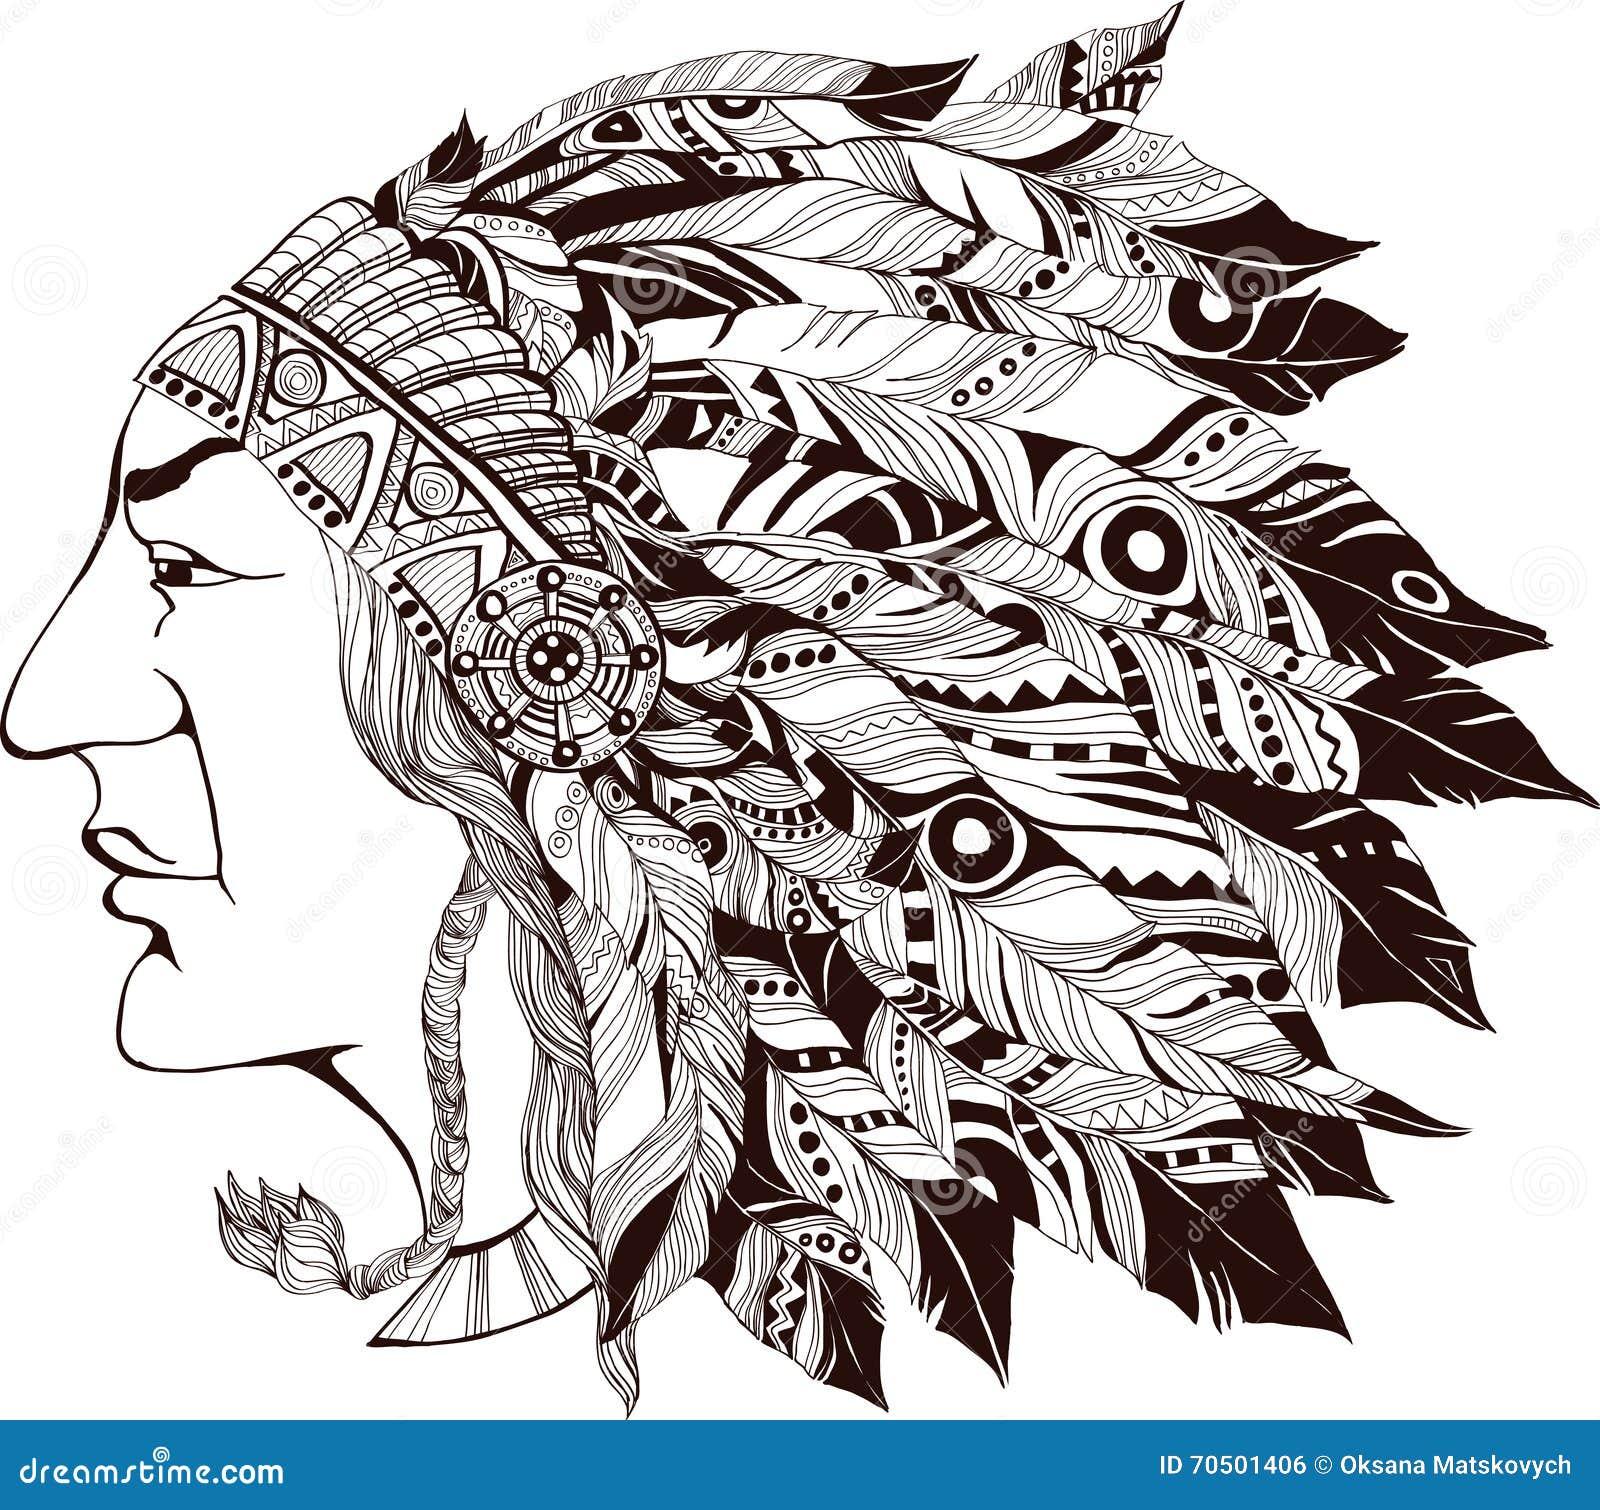 Βορειοαμερικανικός ινδικός προϊστάμενος - απεικόνιση